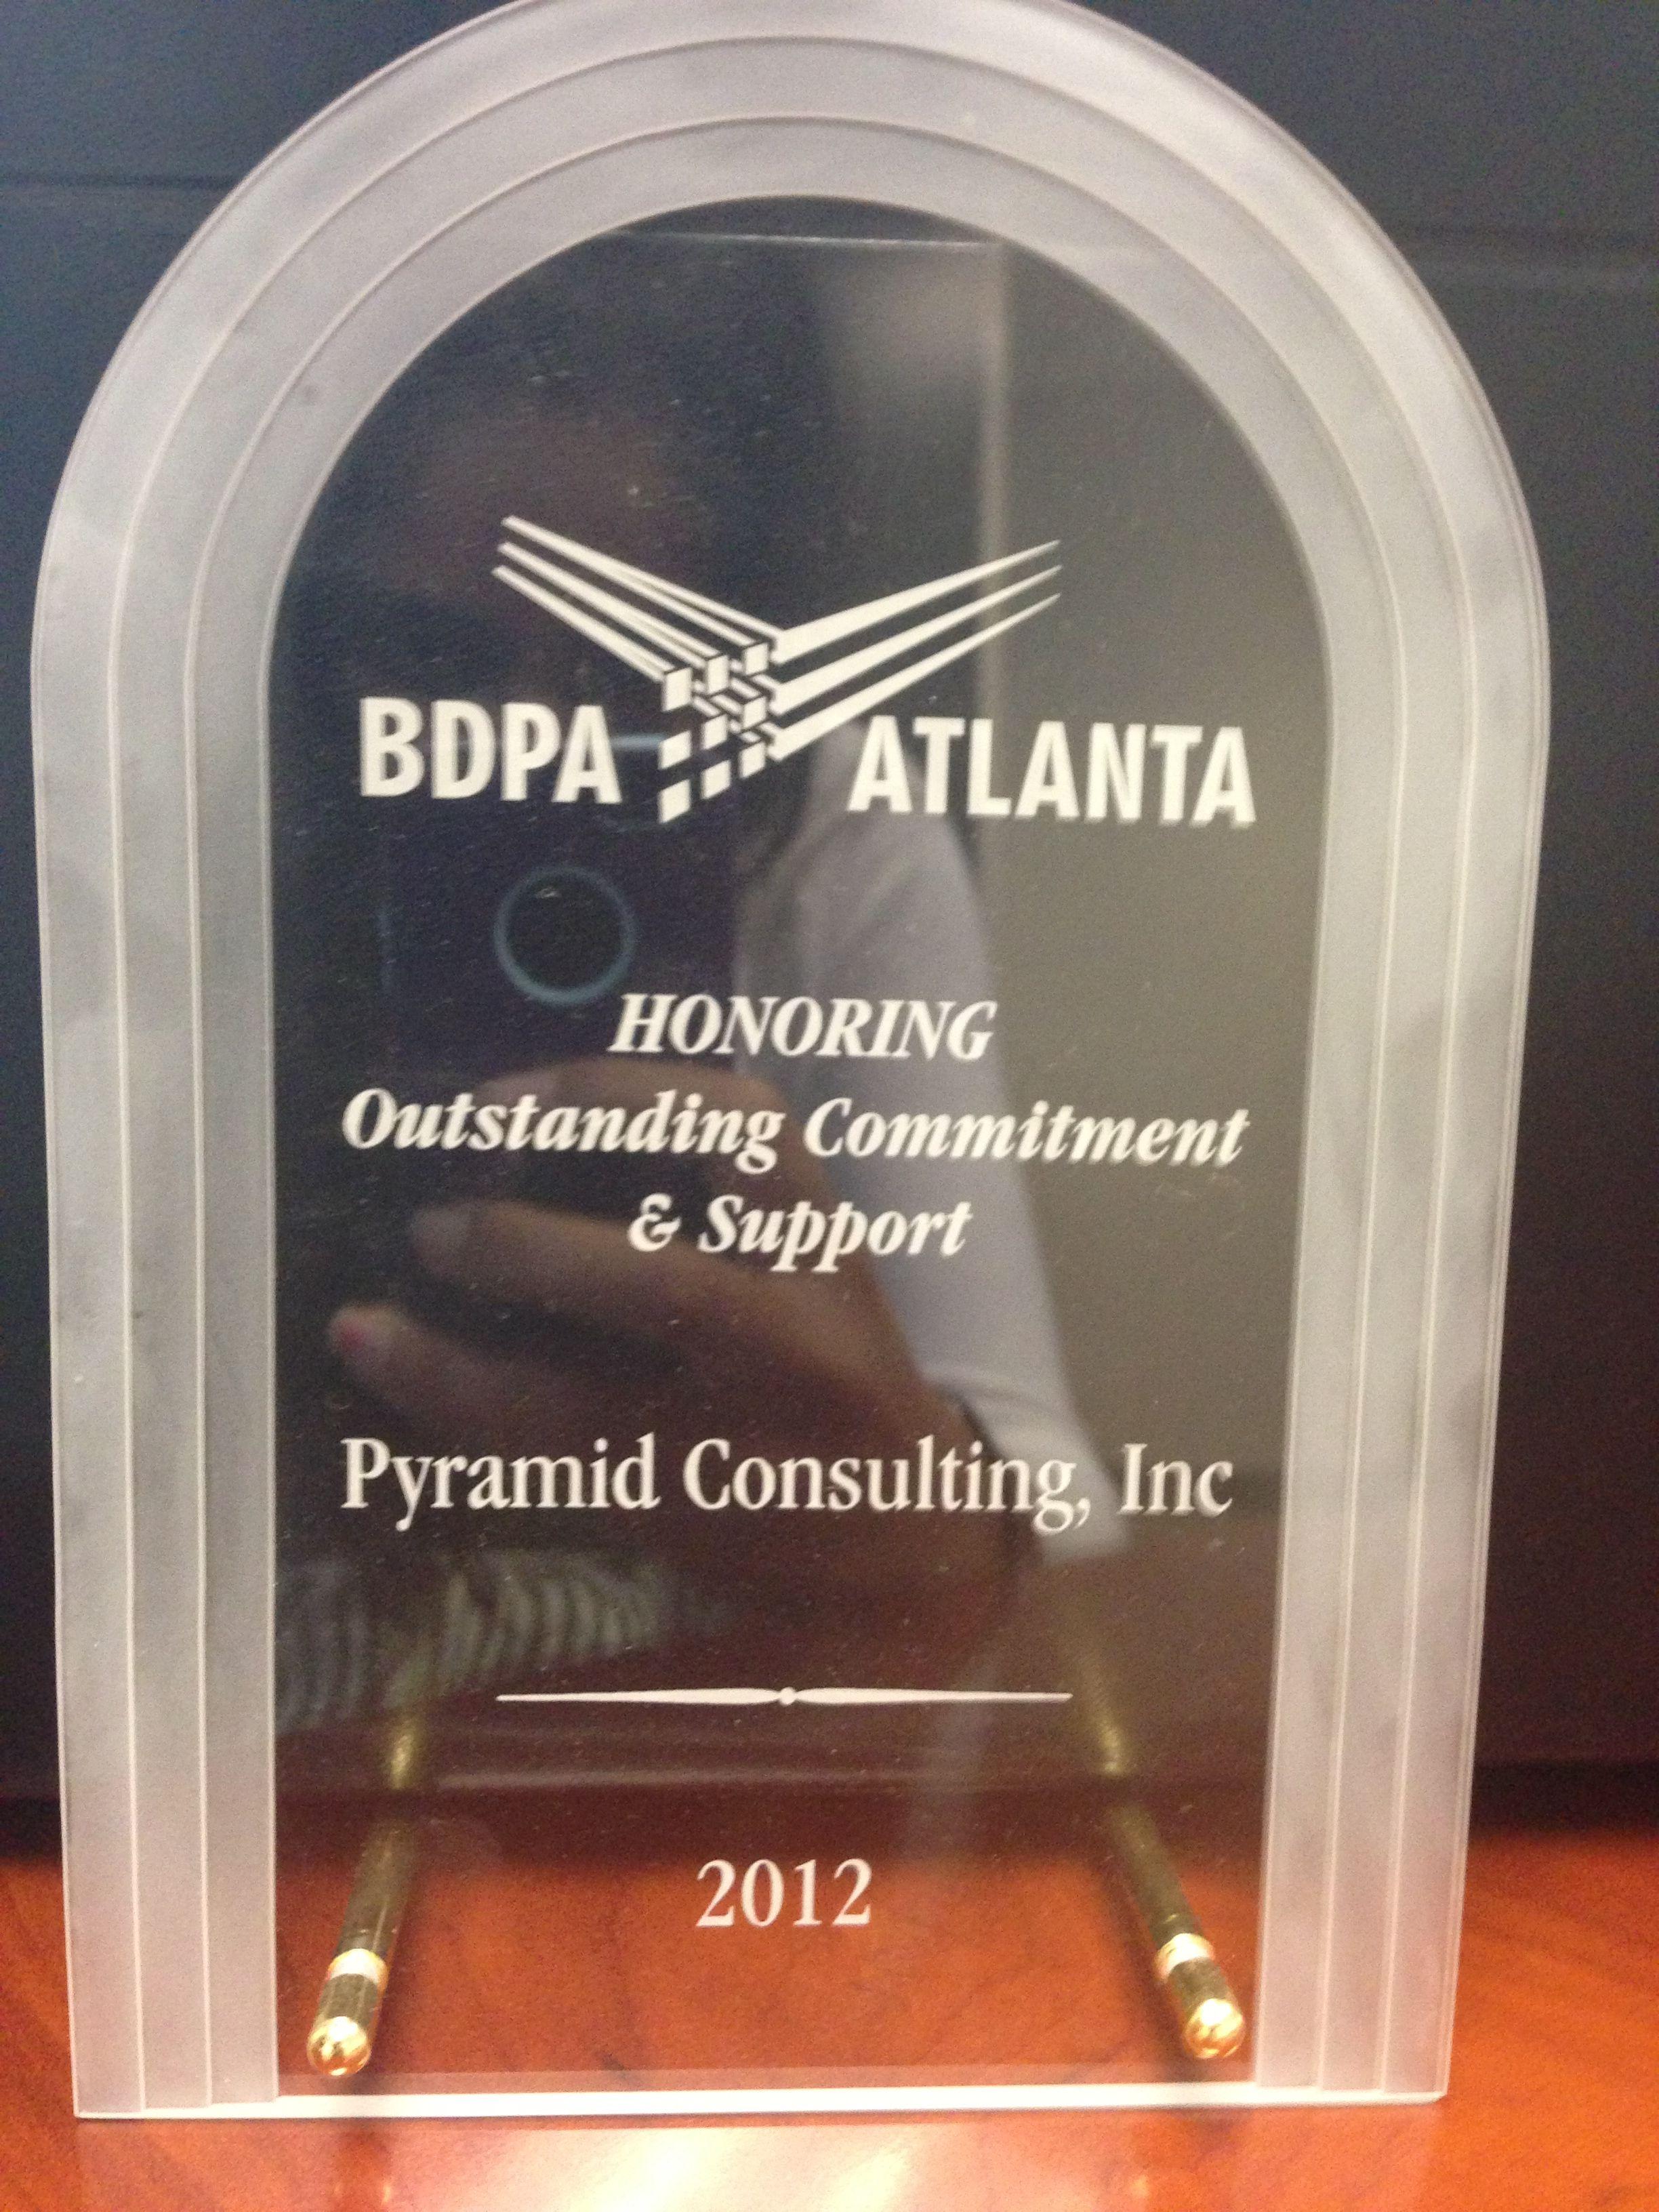 BDPA Atlanta Outstanding Commitment & Support 2012